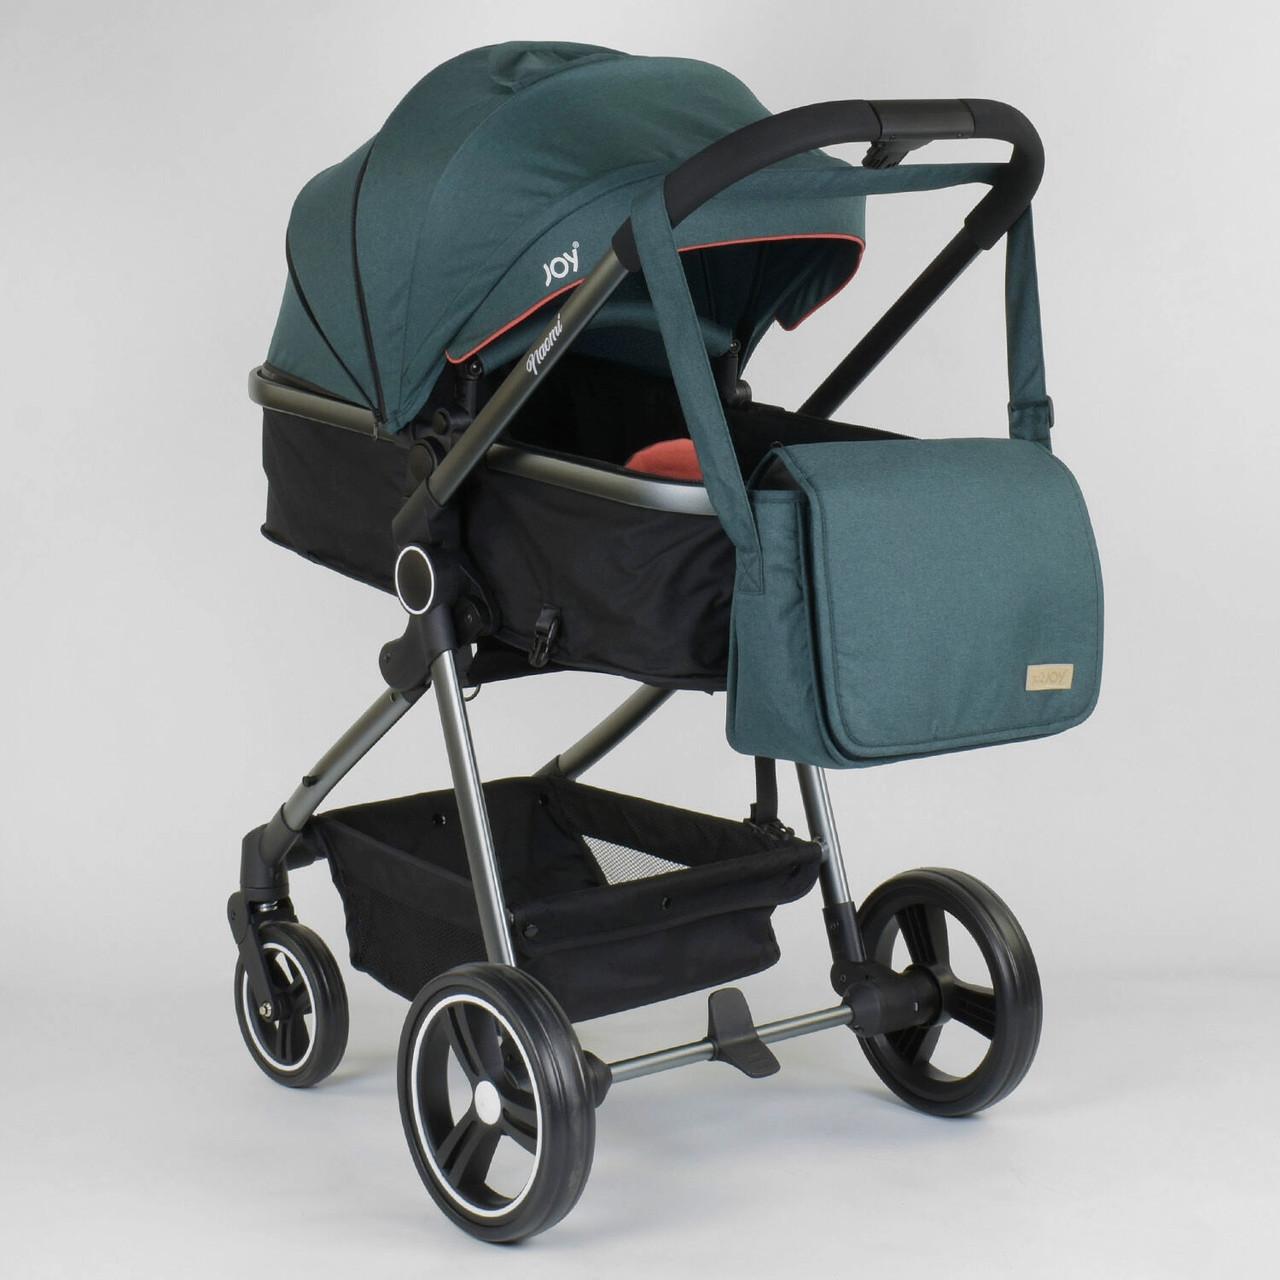 Дитяча універсальна коляска 2 в 1 JOY Naomi 80793 Темно-бірюзовий, сумка, футкавер